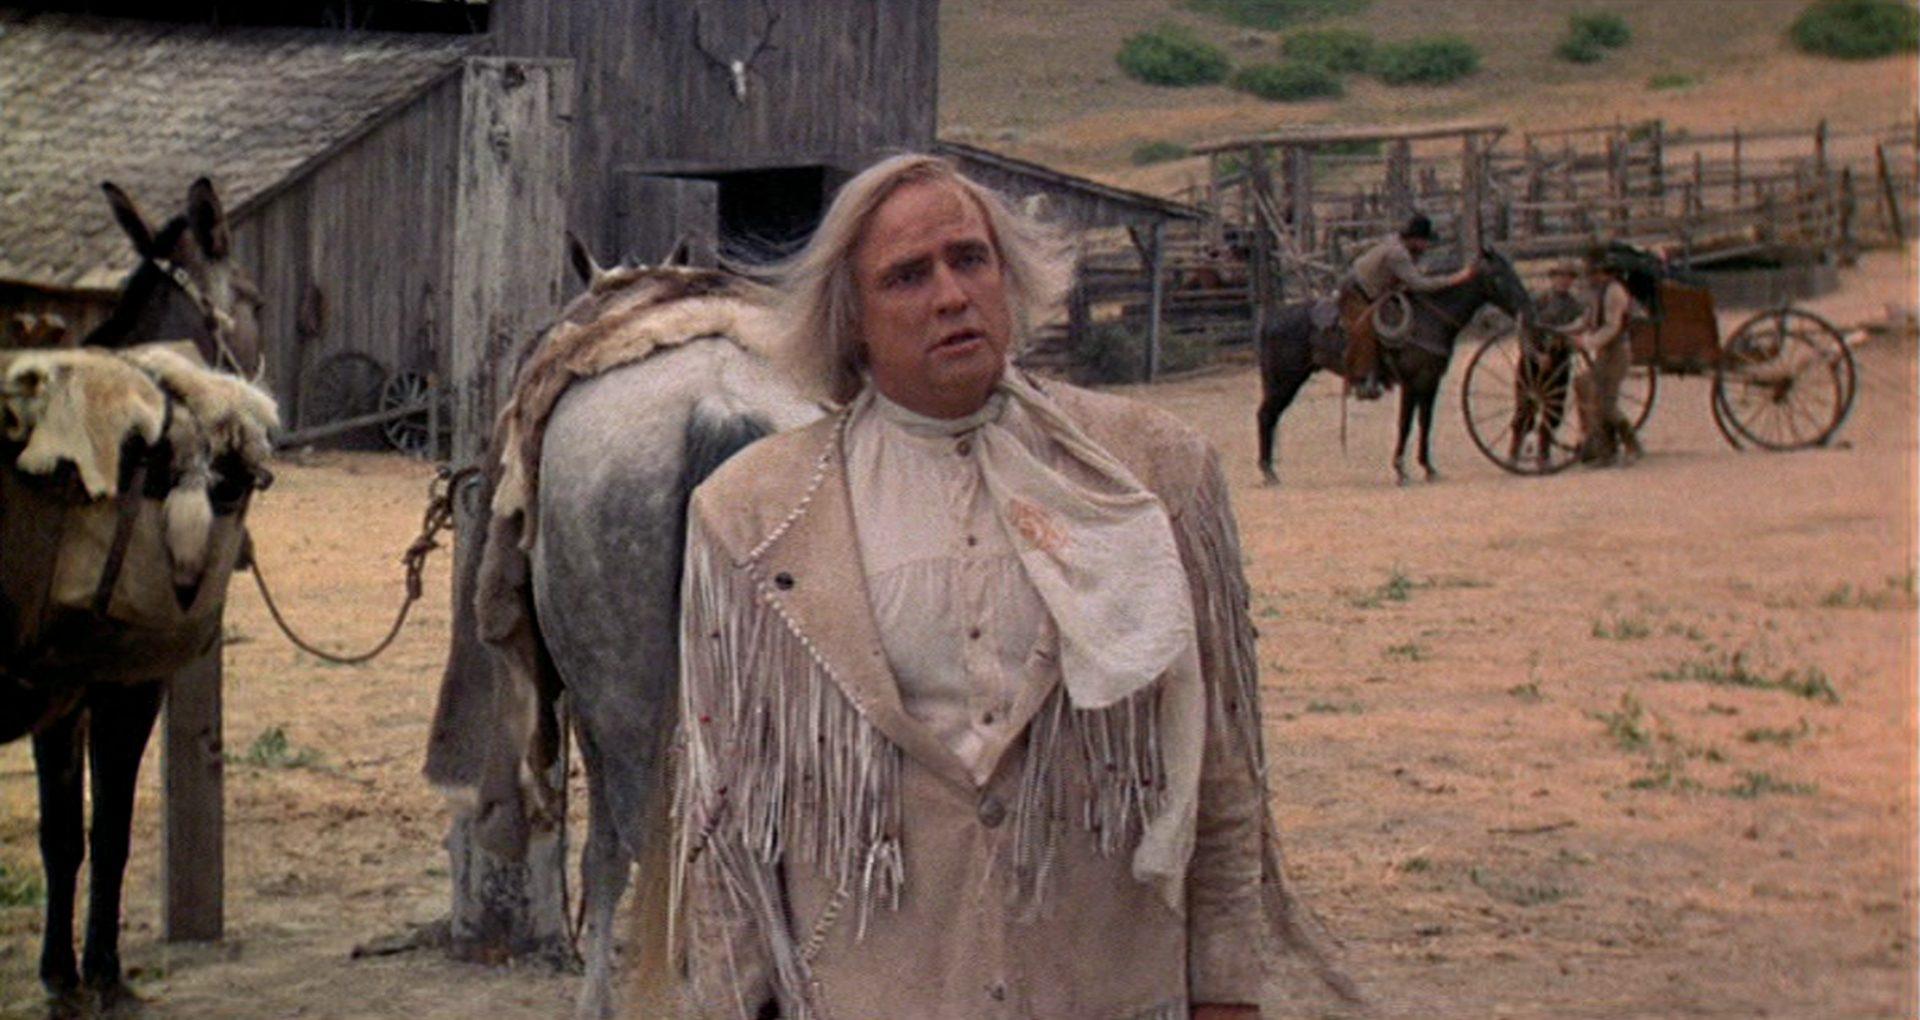 Marlon Brando als exzentrischer Killer vor dem Hintergrund eines Ranchgebäudes.